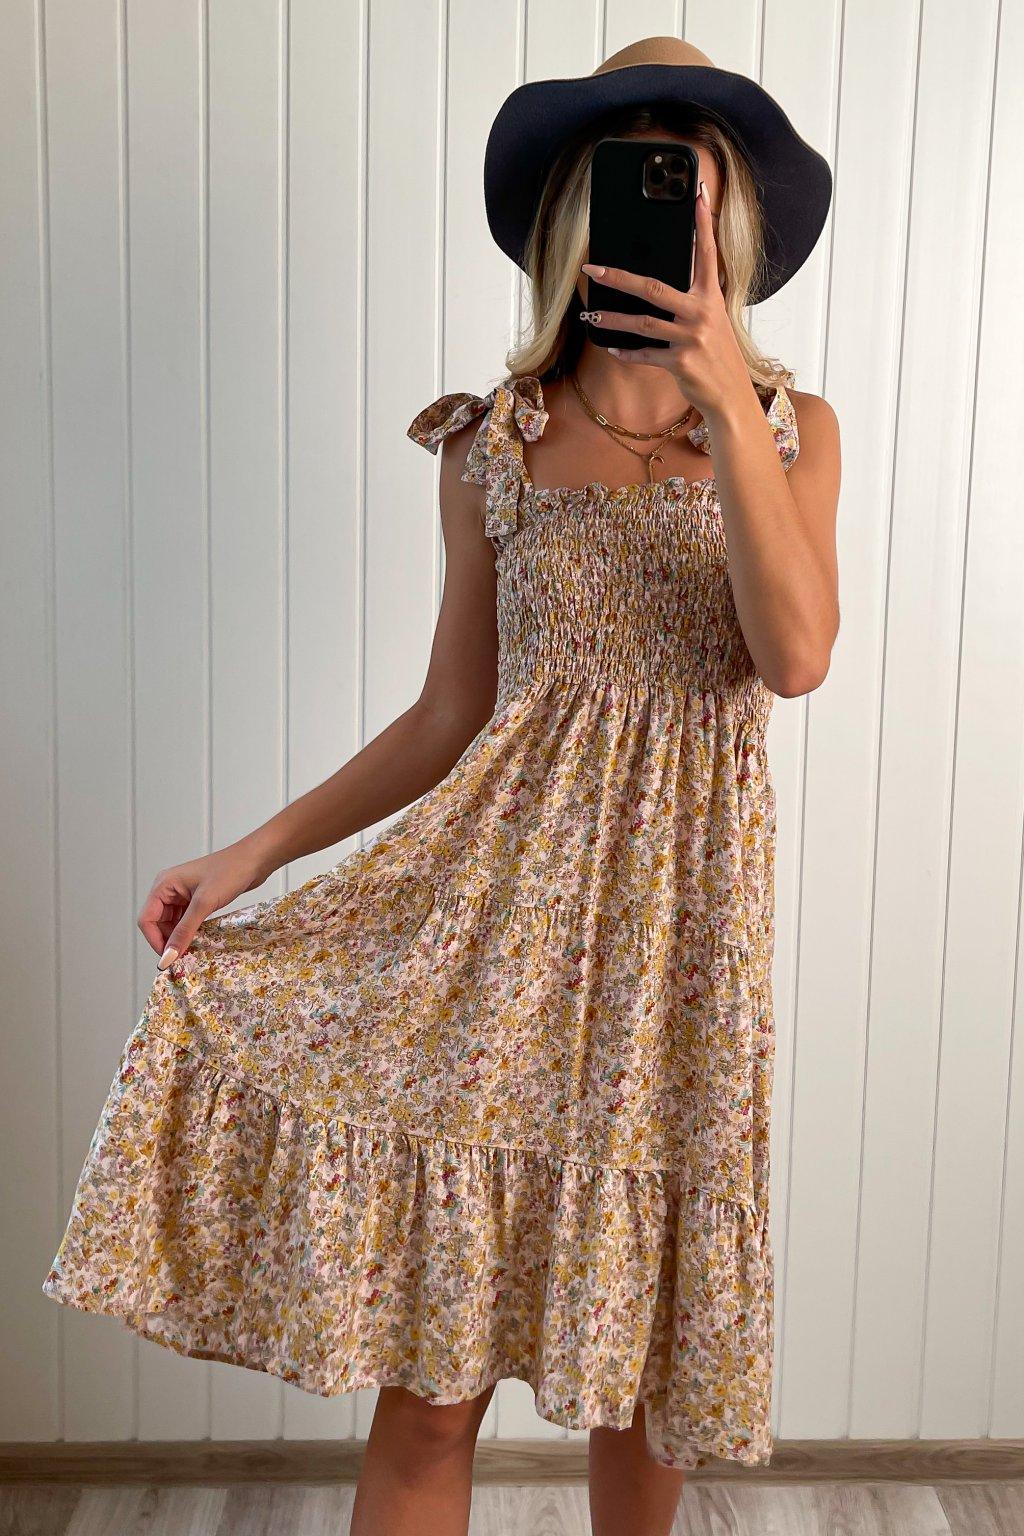 Bavlnene šaty s mašľami